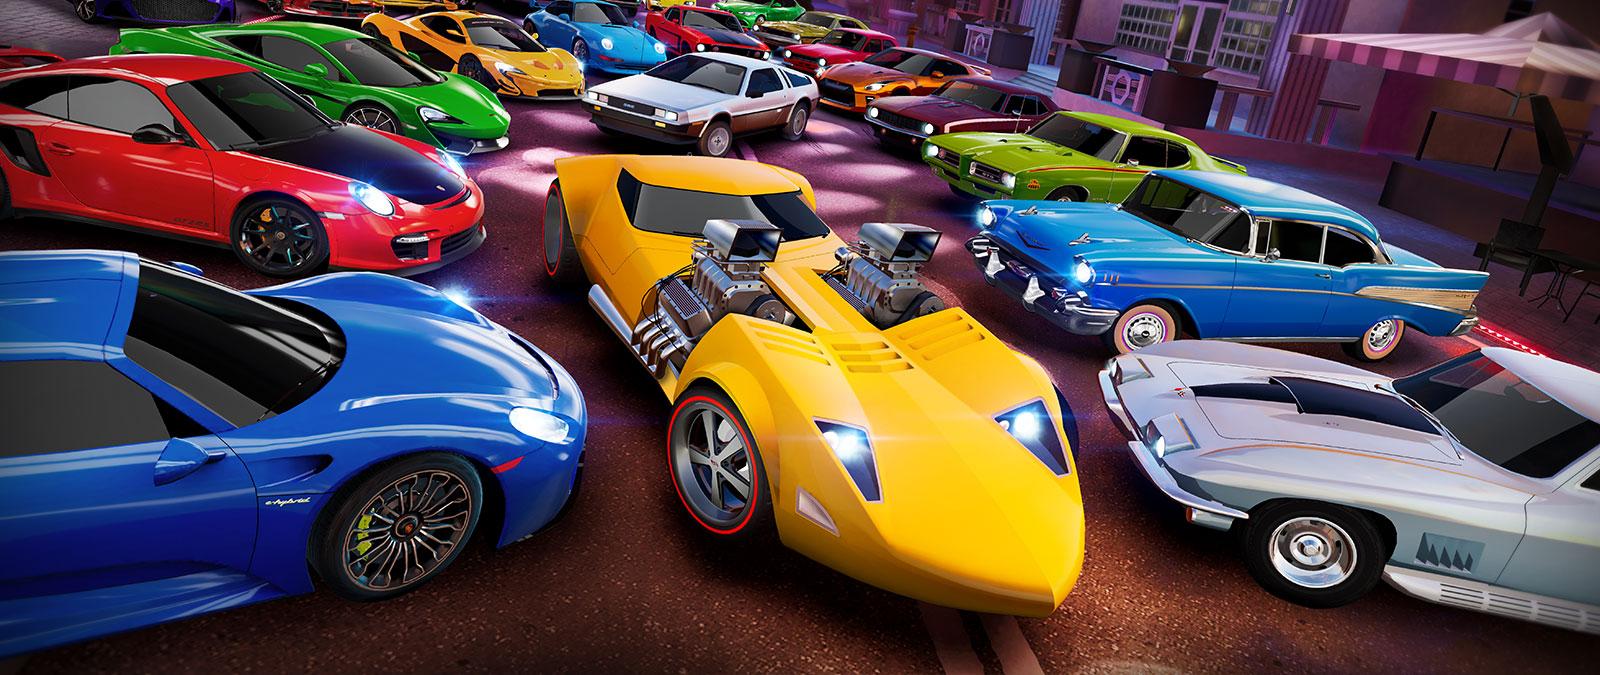 Forza Street. Many legendary cars on a street.